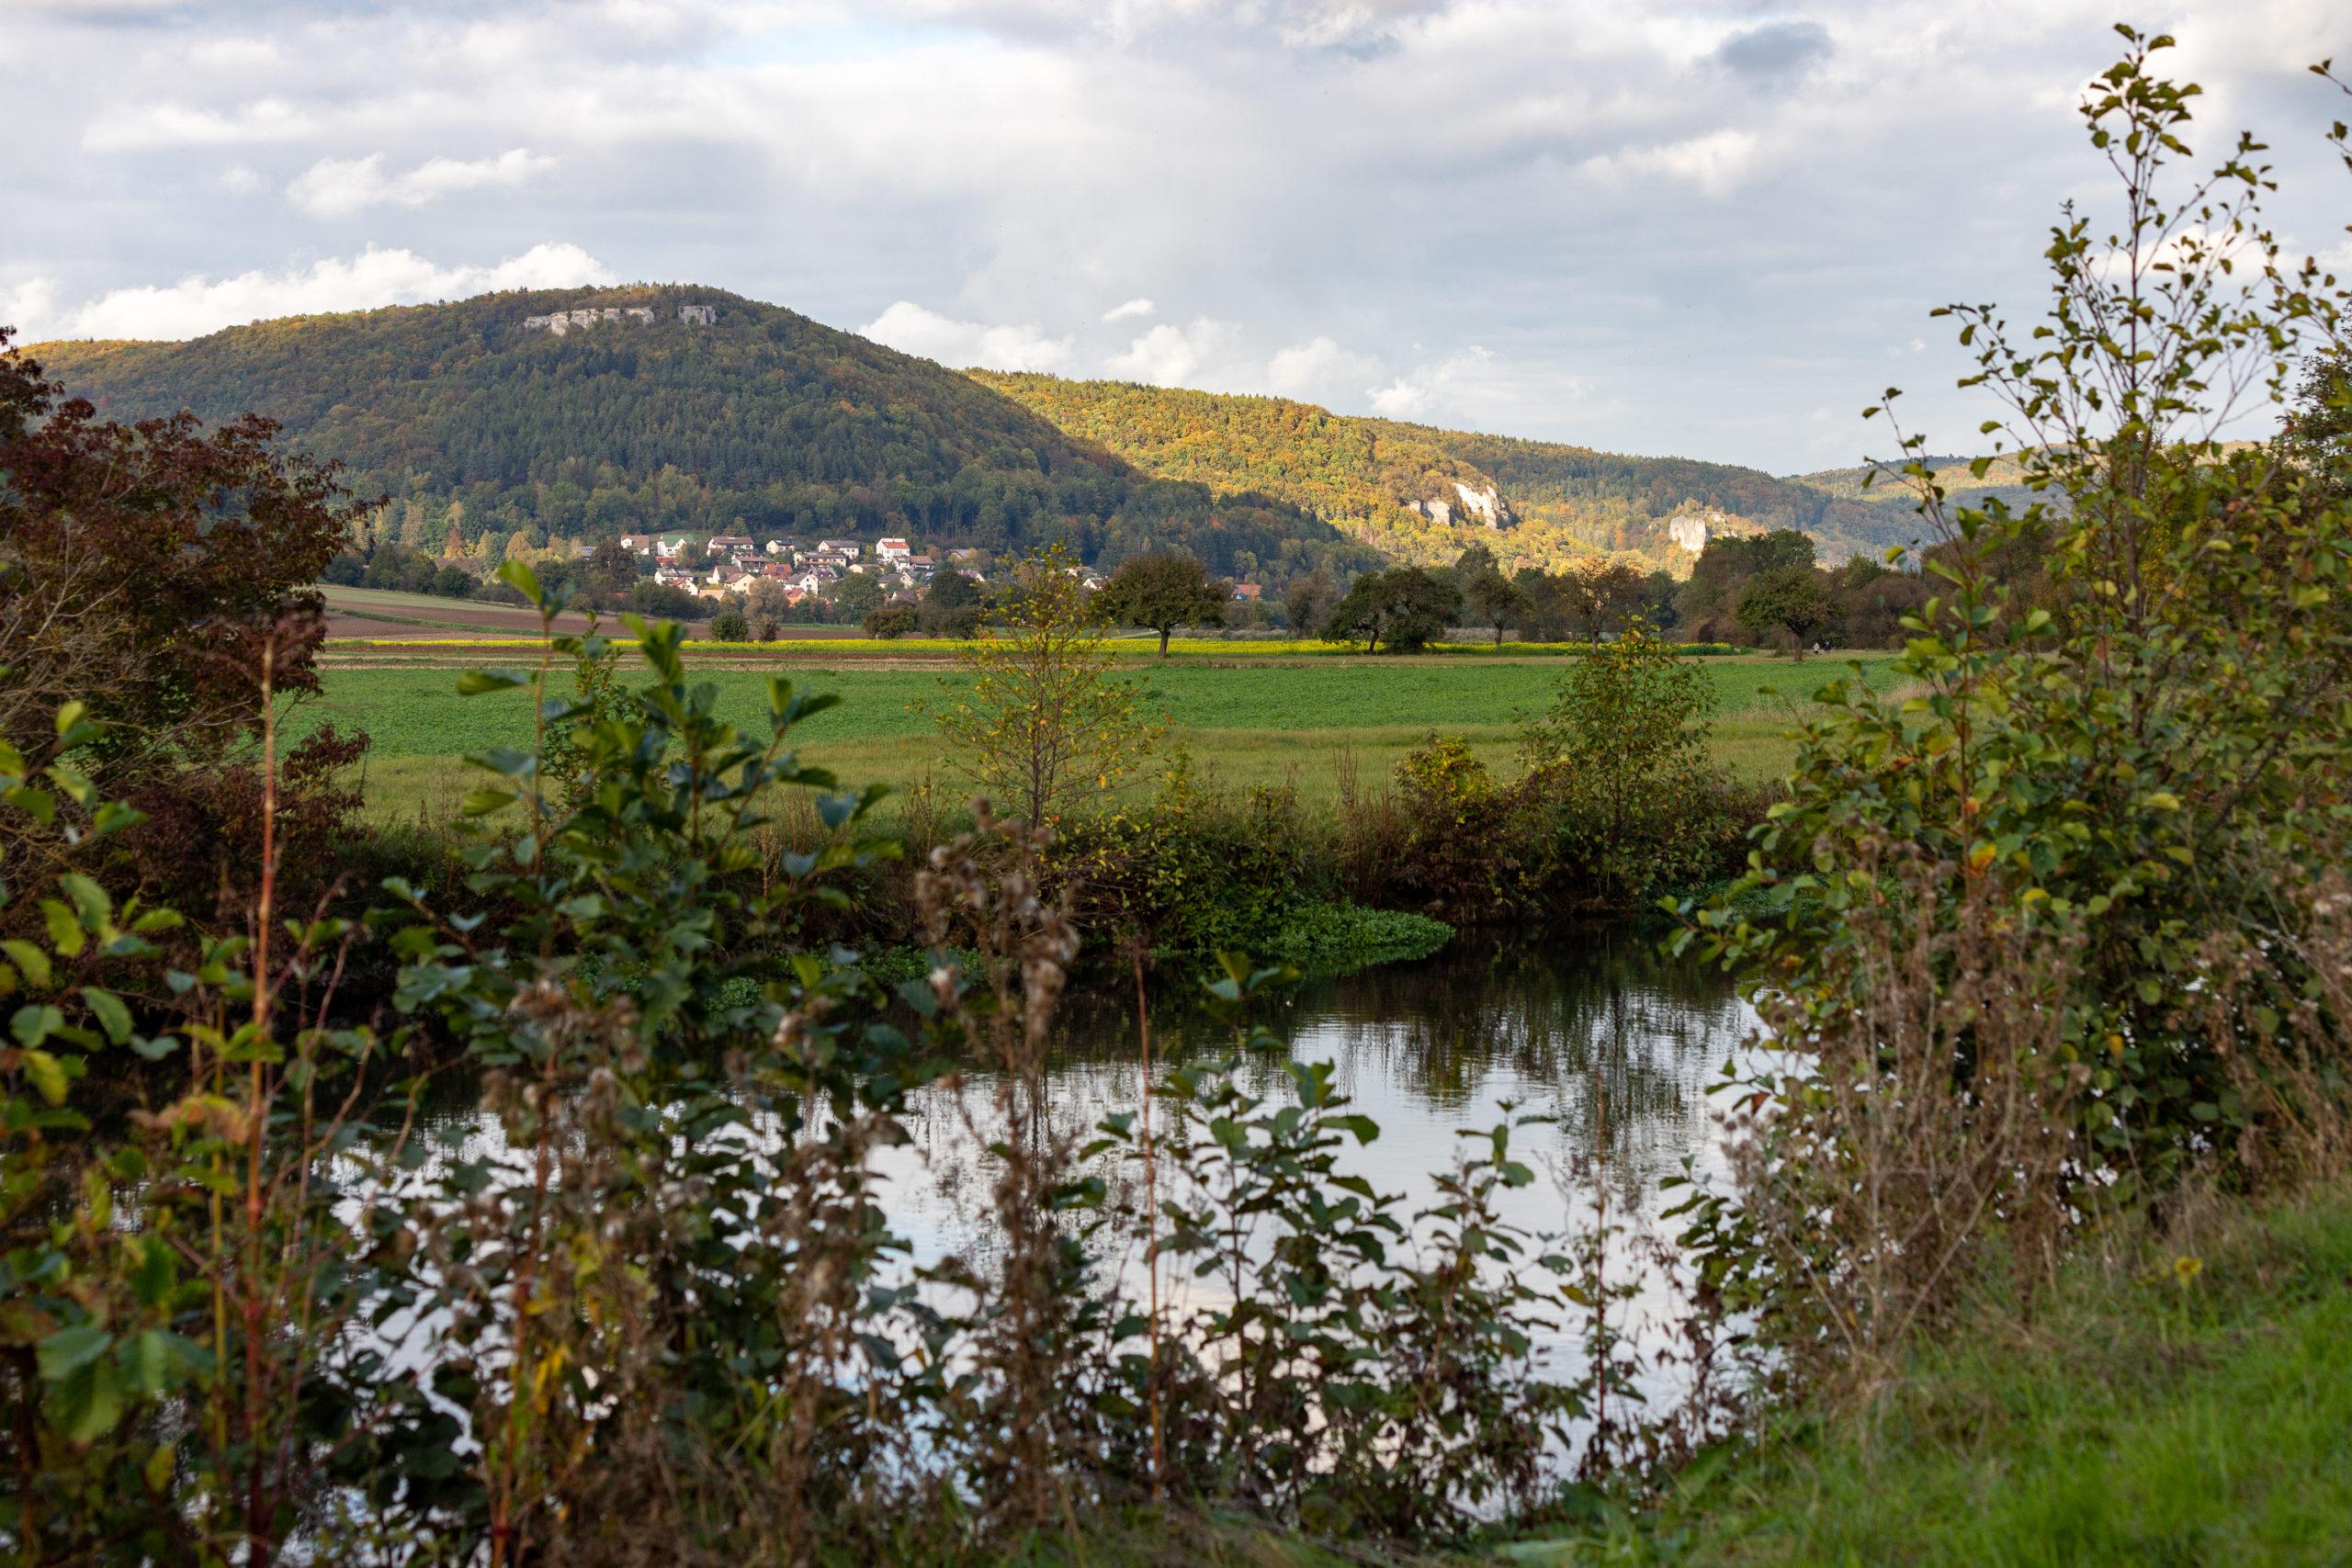 Im Vordergrund ein Bach, dahinter Wiese, dahinter sich sanft aufschwingende Hügel, die teilweise von der Sonne beschienen werden. Am Fuße eine Ortschaft.